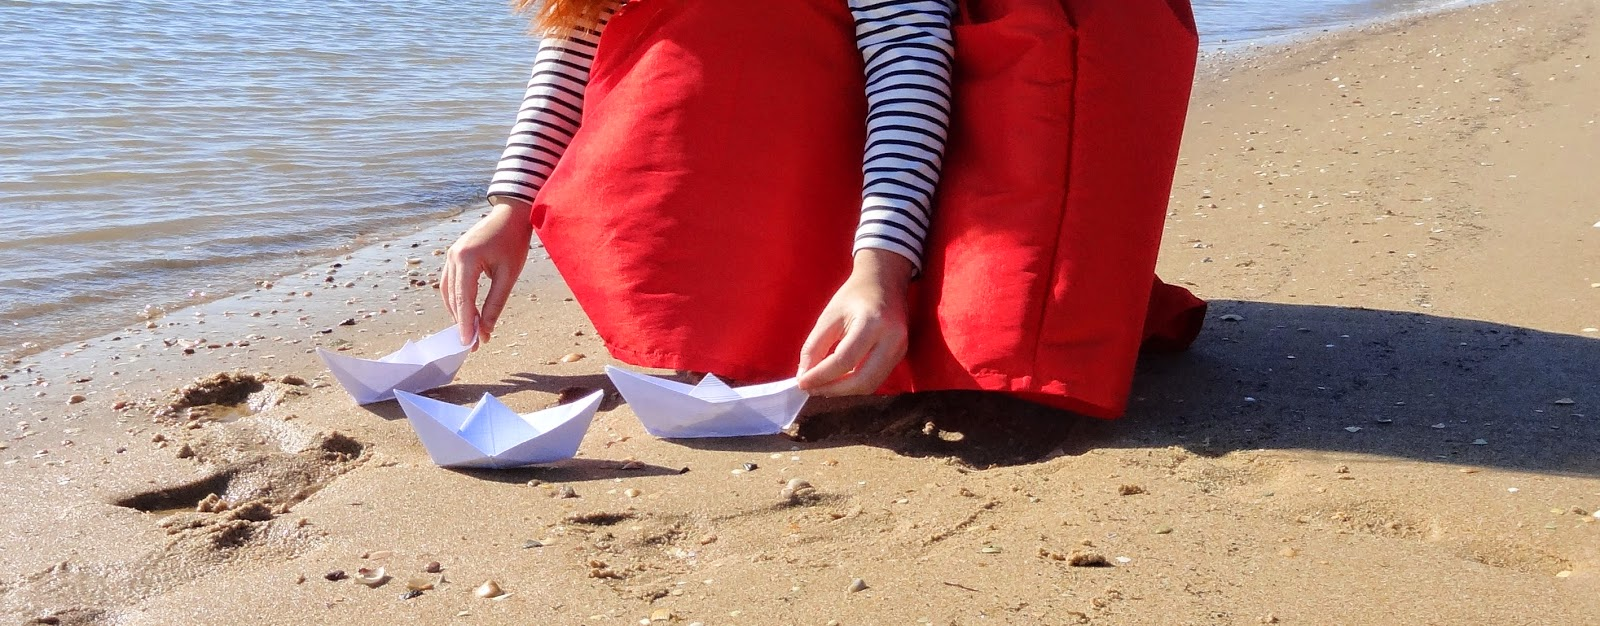 paper boat